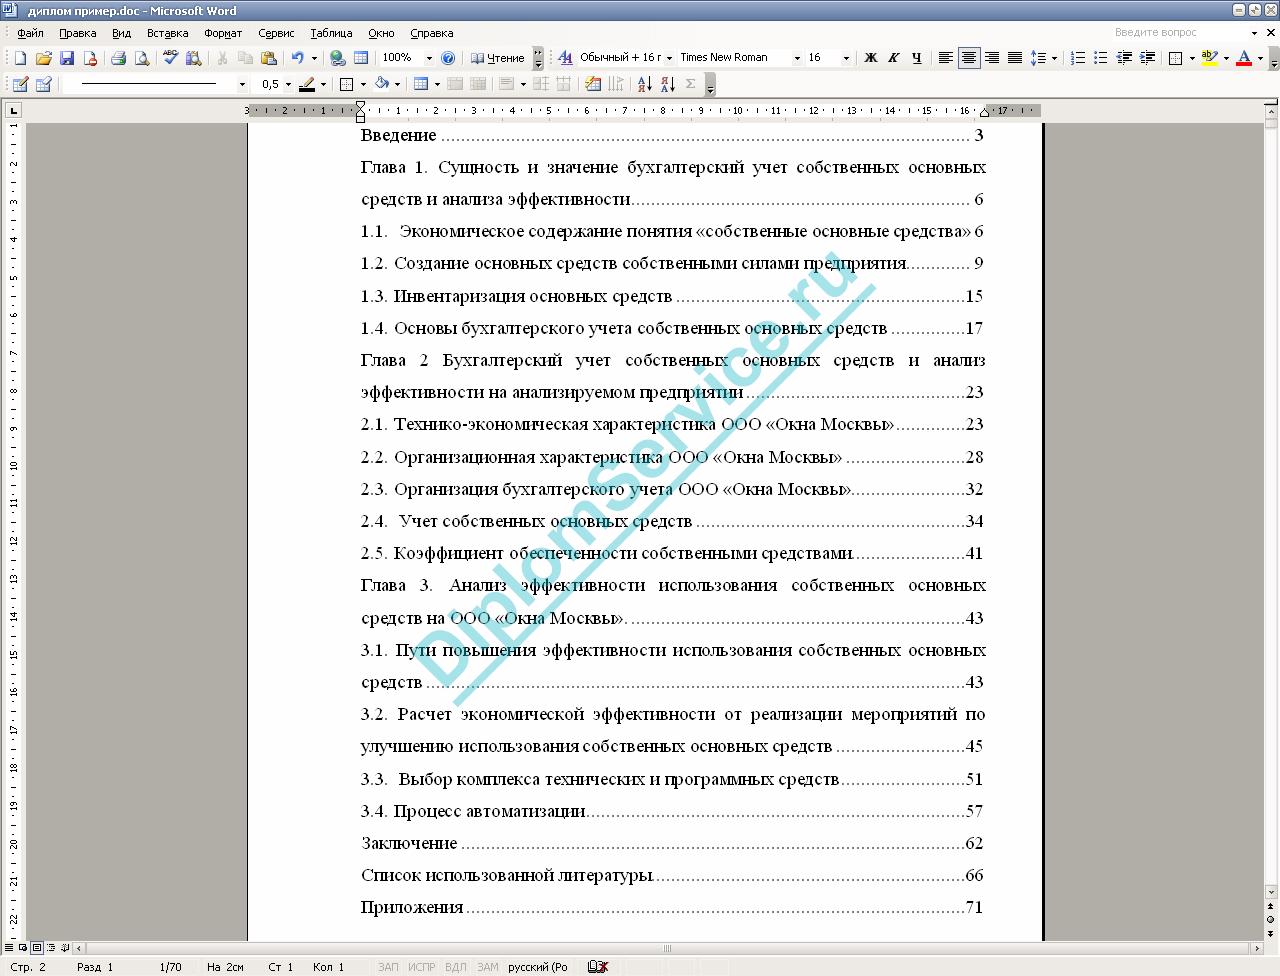 Структура и правила написания качественной дипломной работы Составляем и утверждаем у научного руководителя план дипломной работы